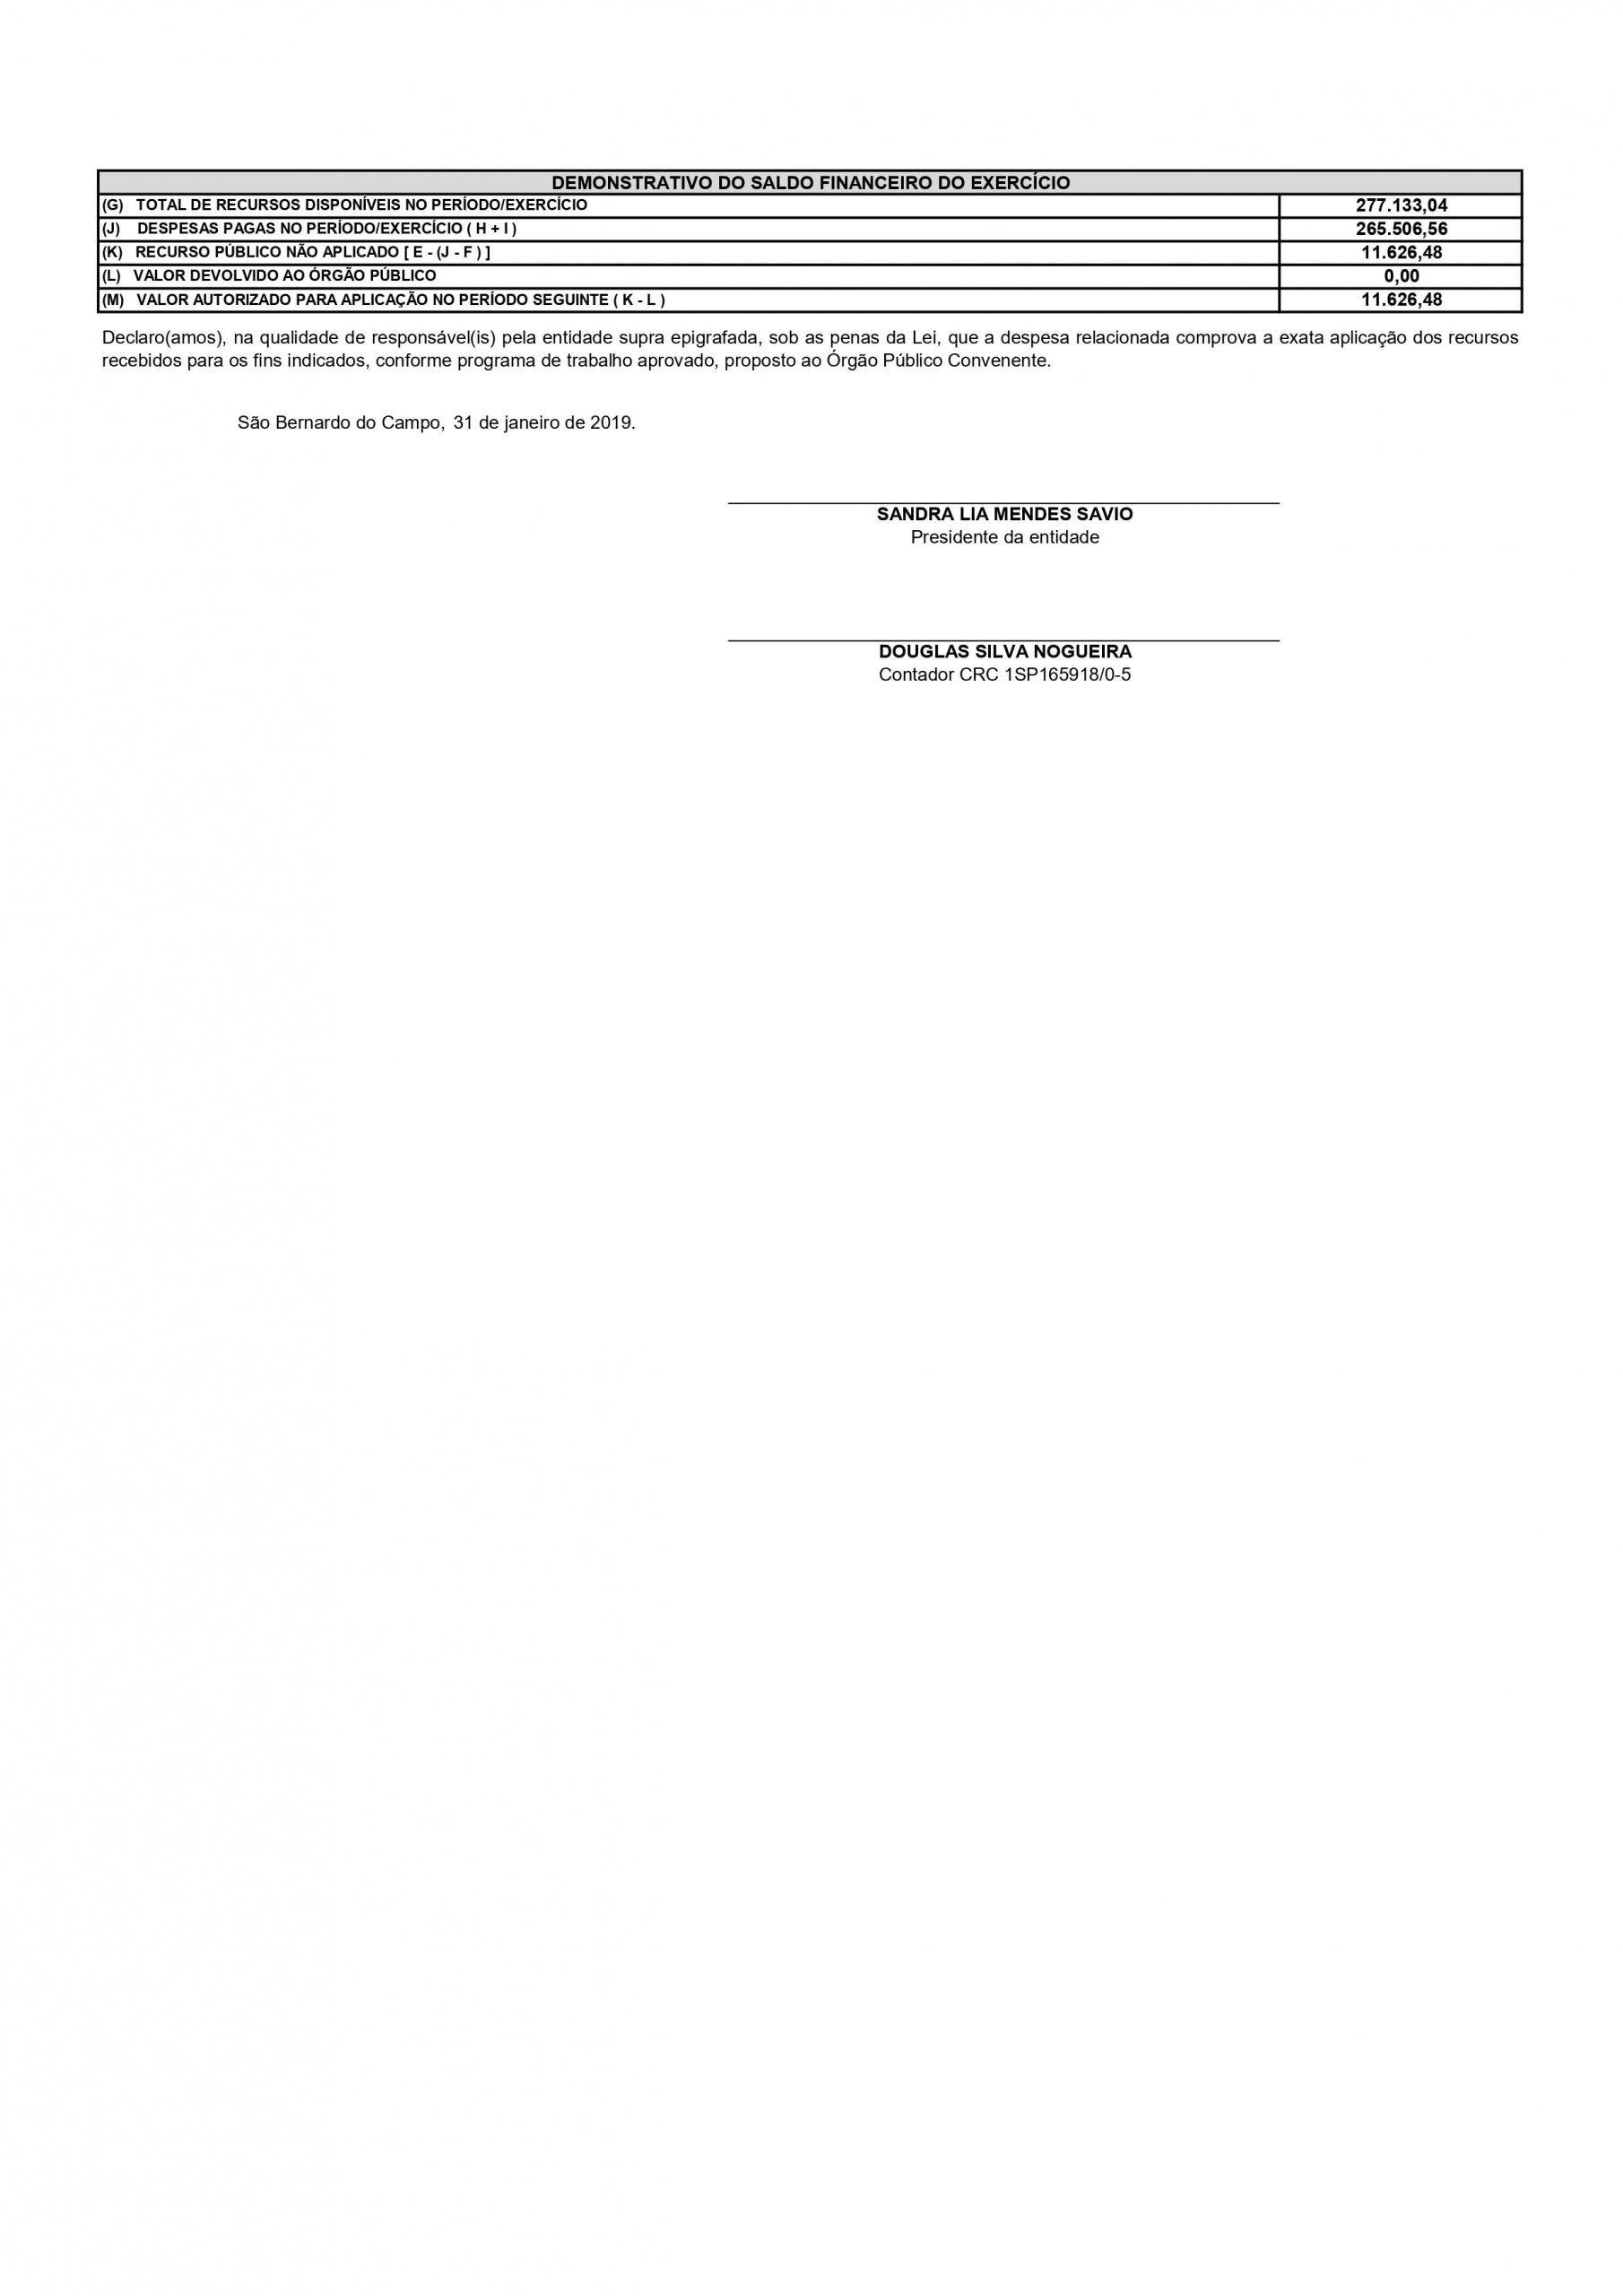 Projeto Direito de Viver SBC - Federal